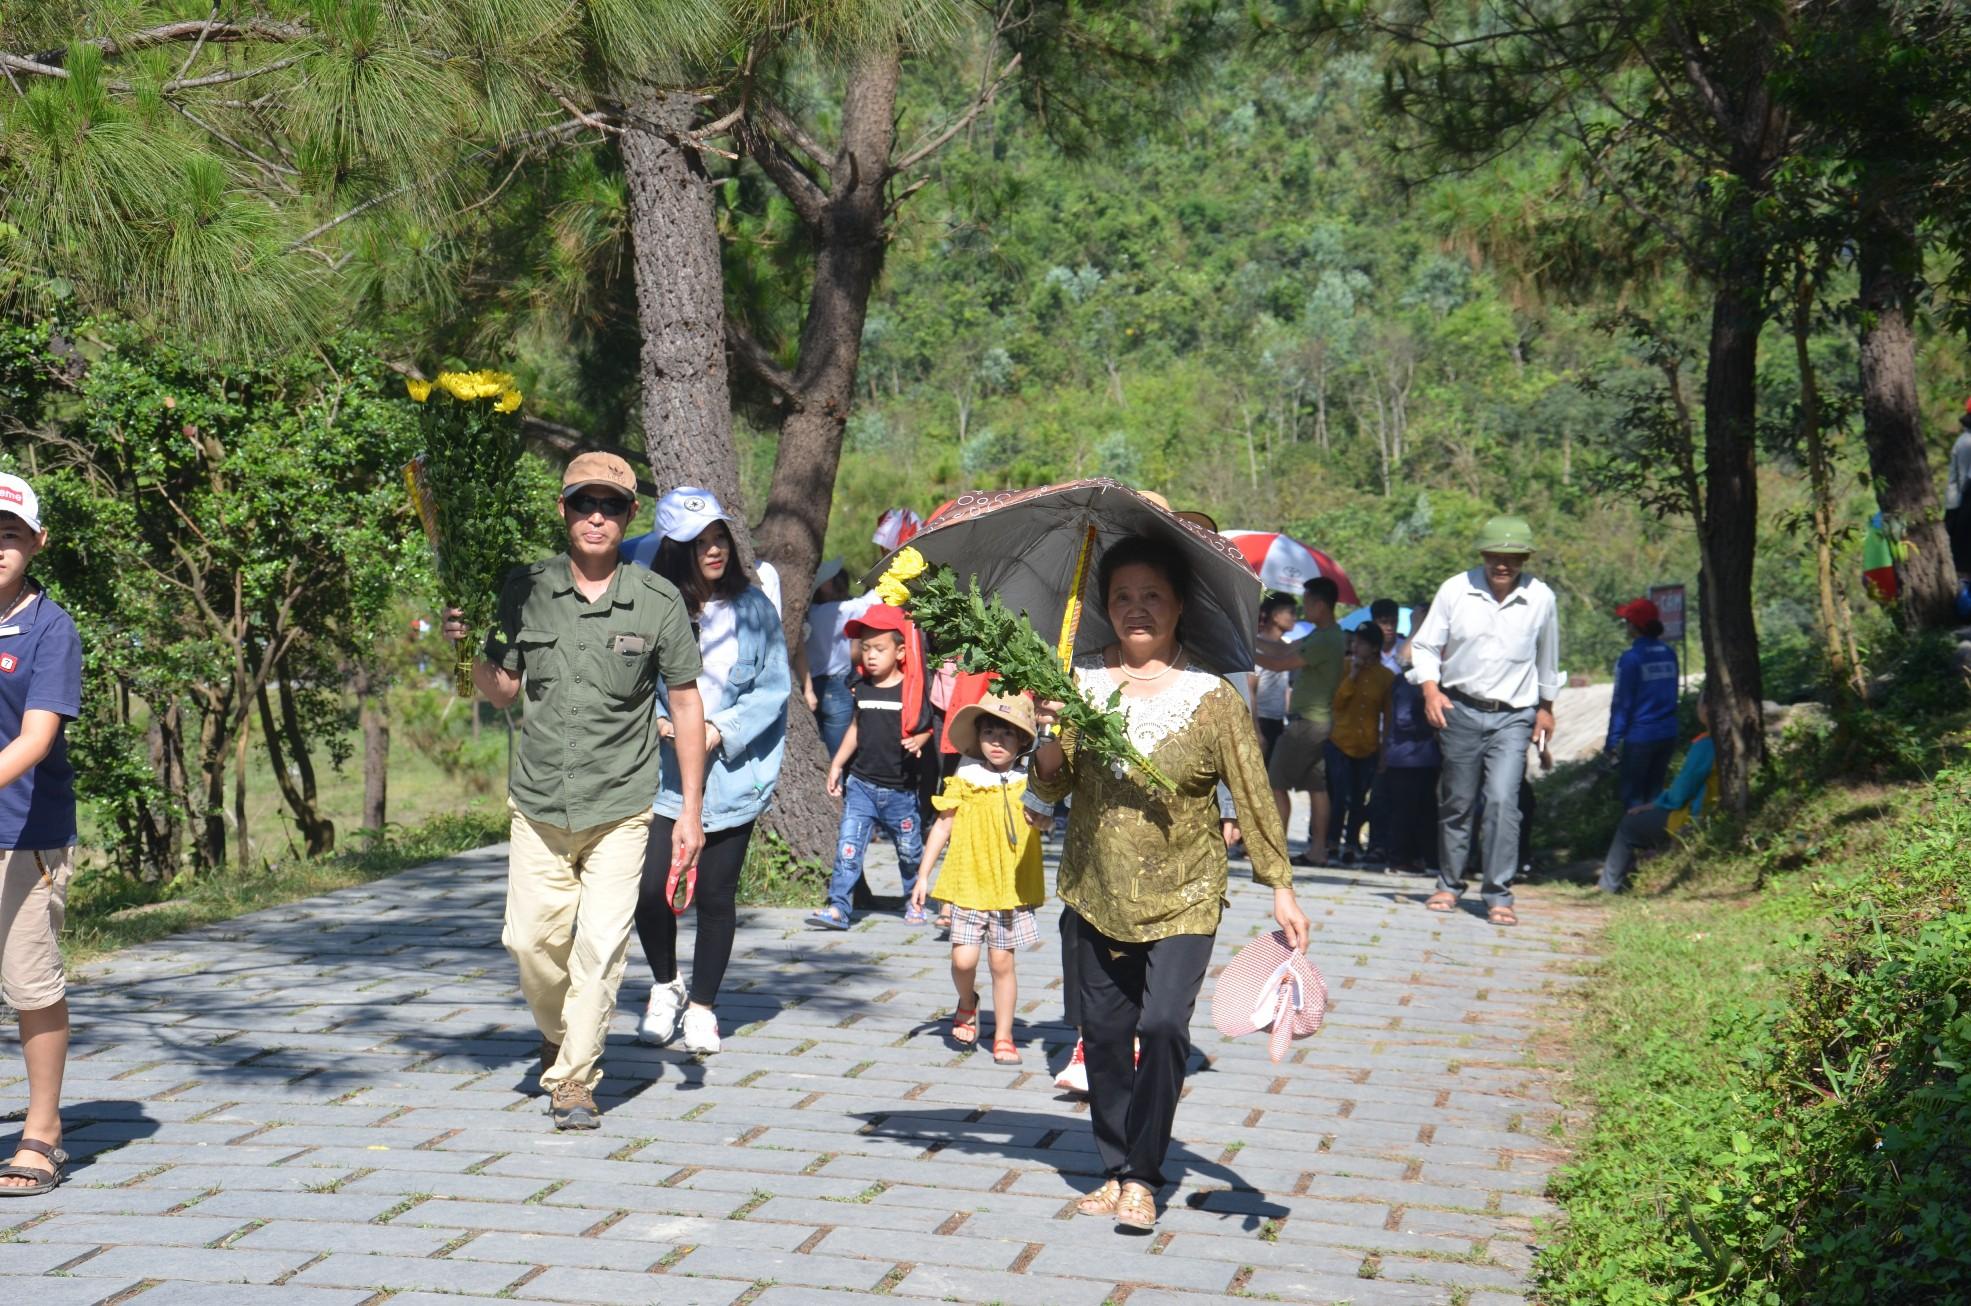 Hàng chục nghìn người viếng mộ Đại tướng Võ Nguyên Giáp trong kỳ nghỉ lễ 3